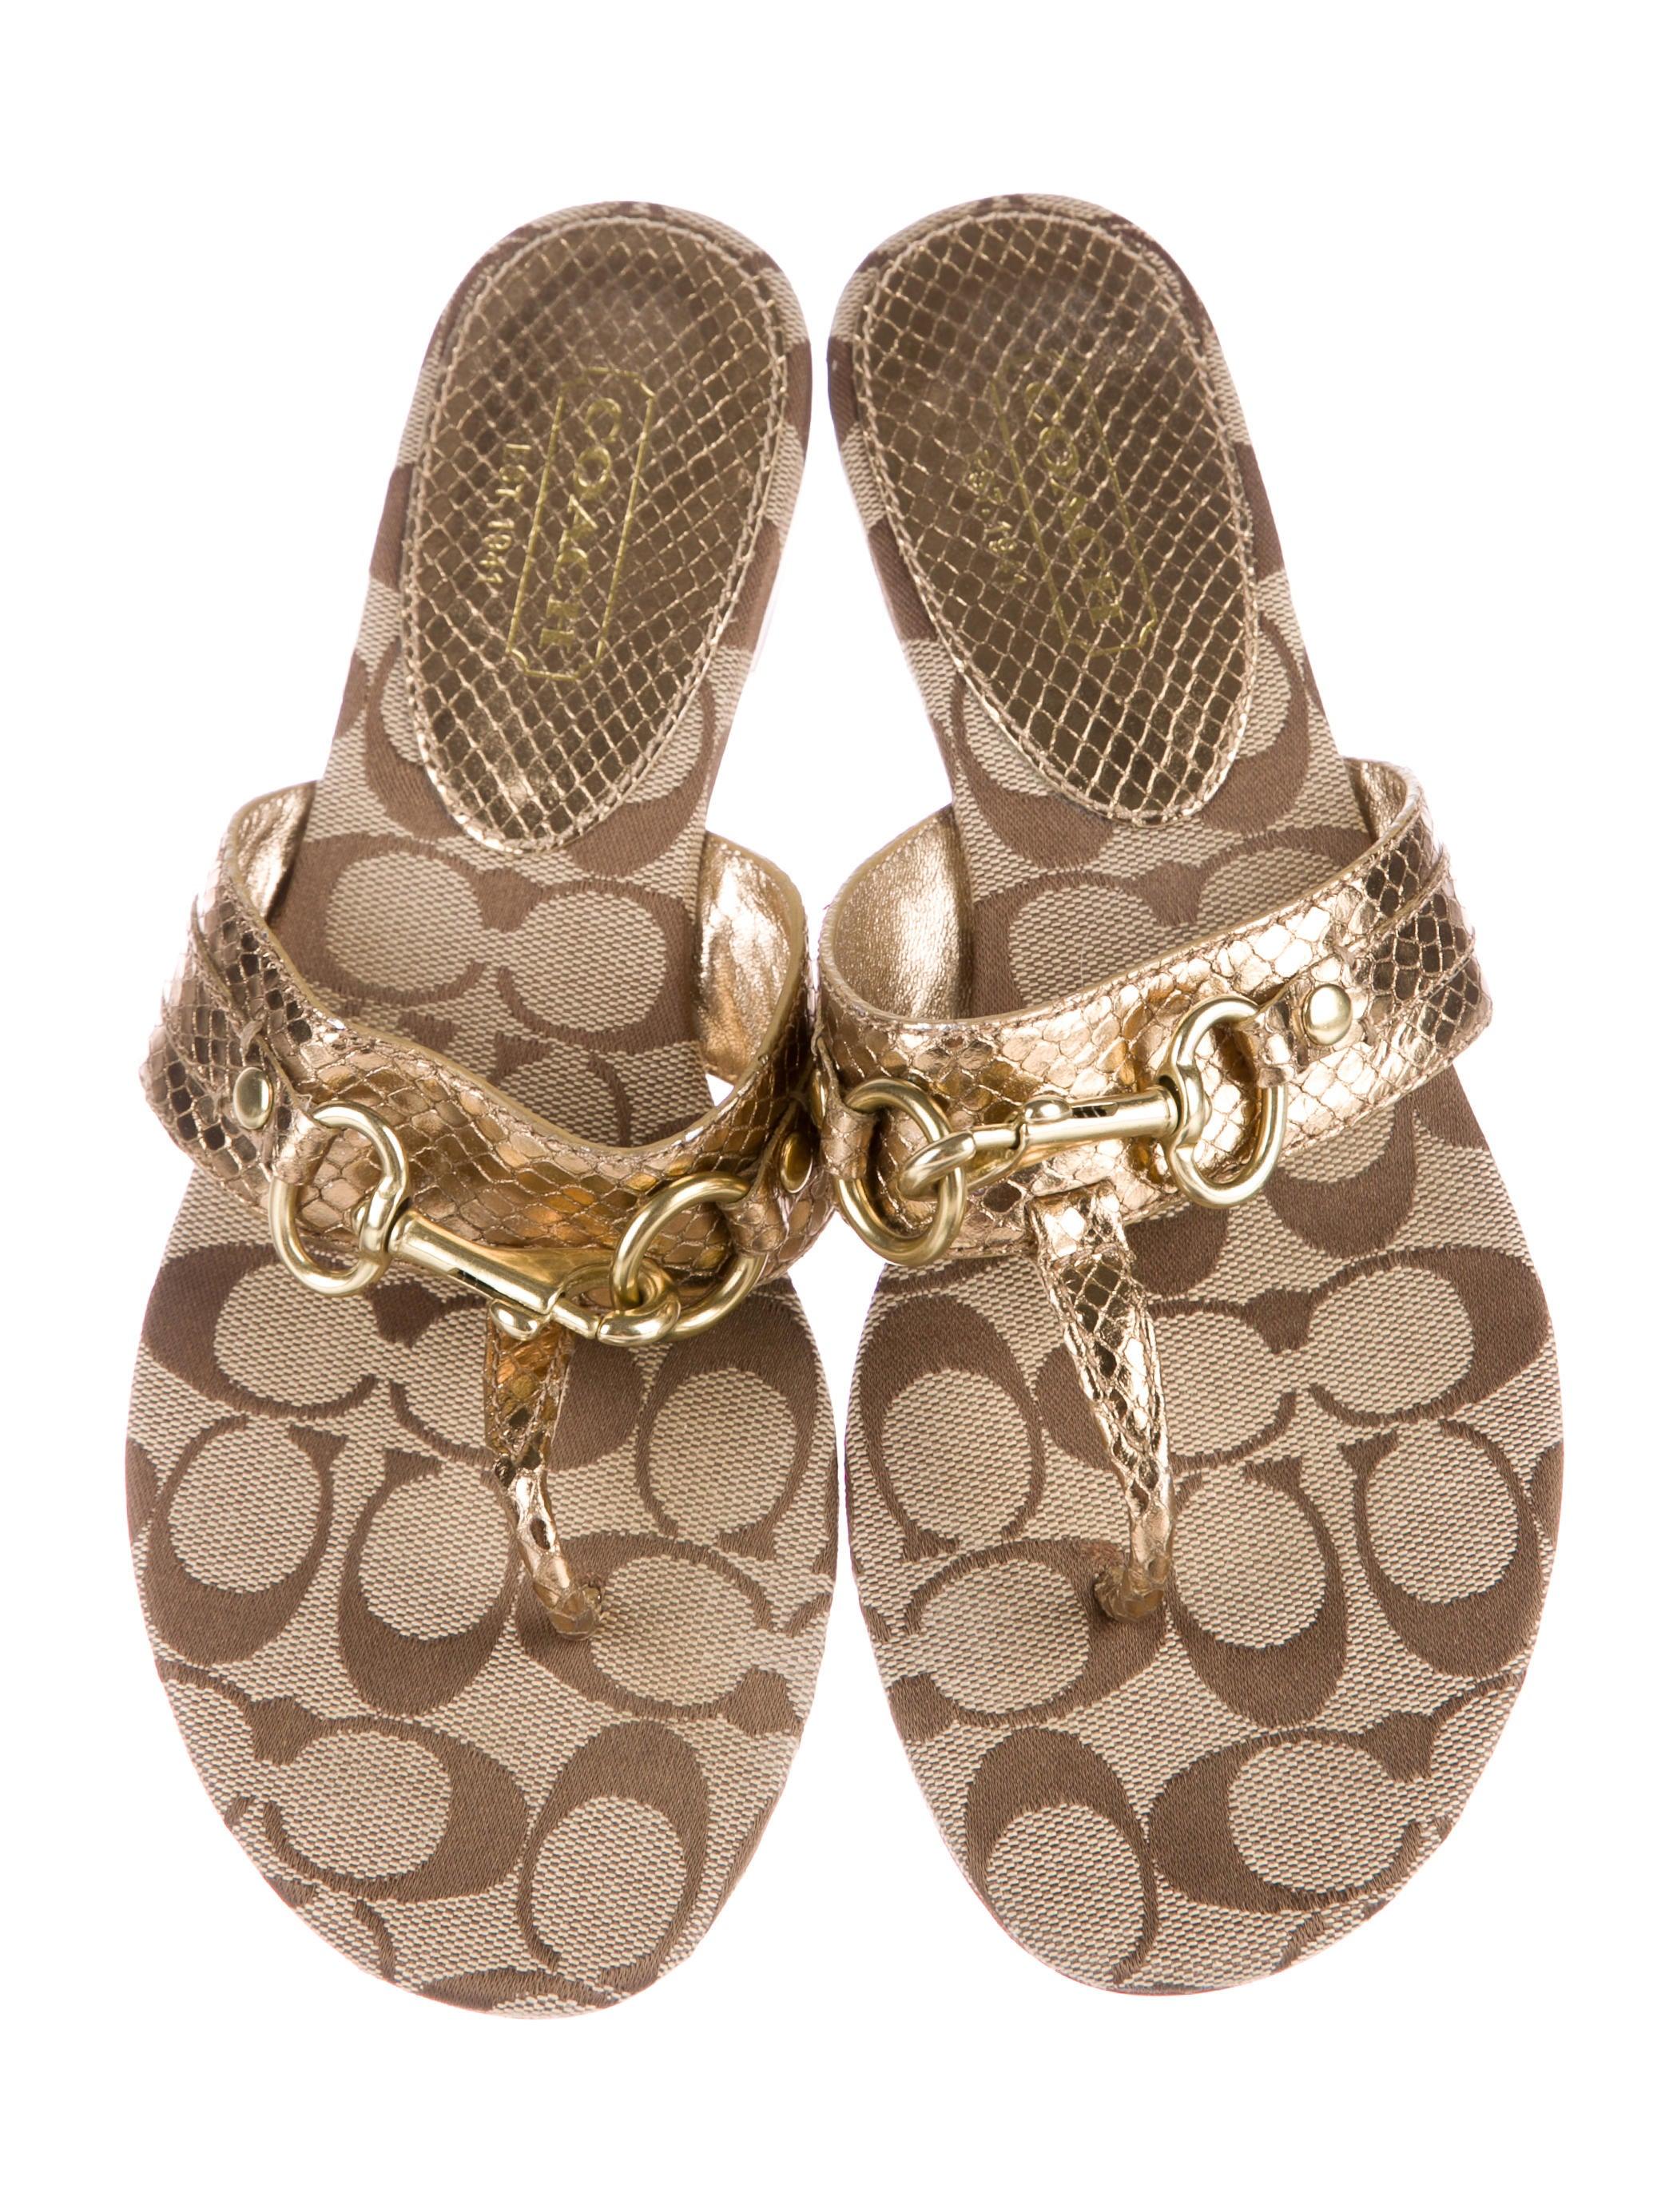 Coach Metallic Monogram Sandals Shoes CCH